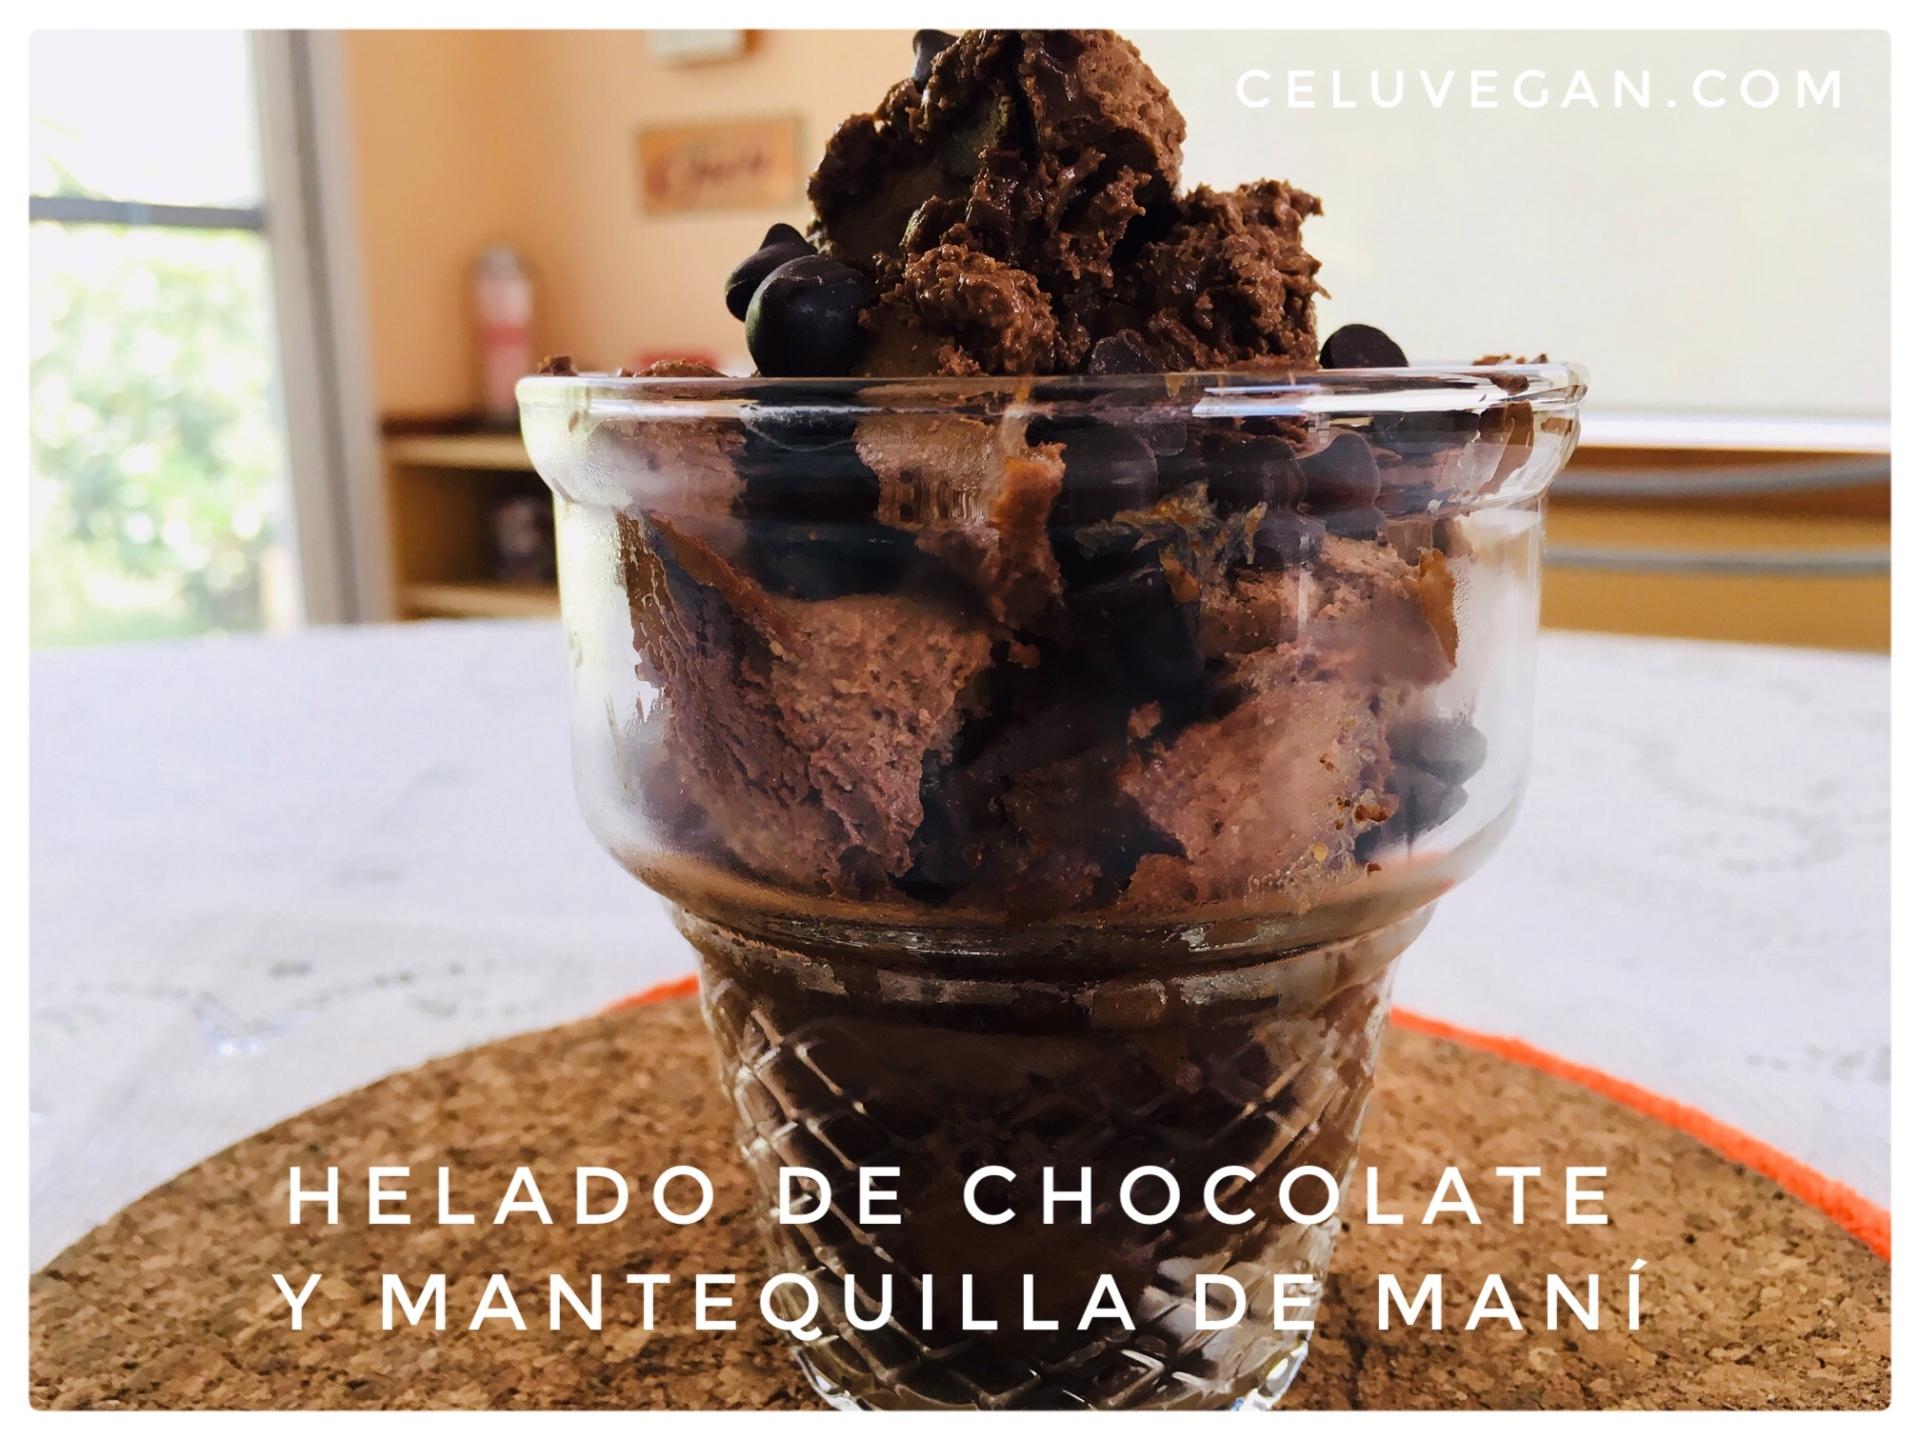 Helado-Vegano-de-Chocolate-y-Mantequilla-de-Maní